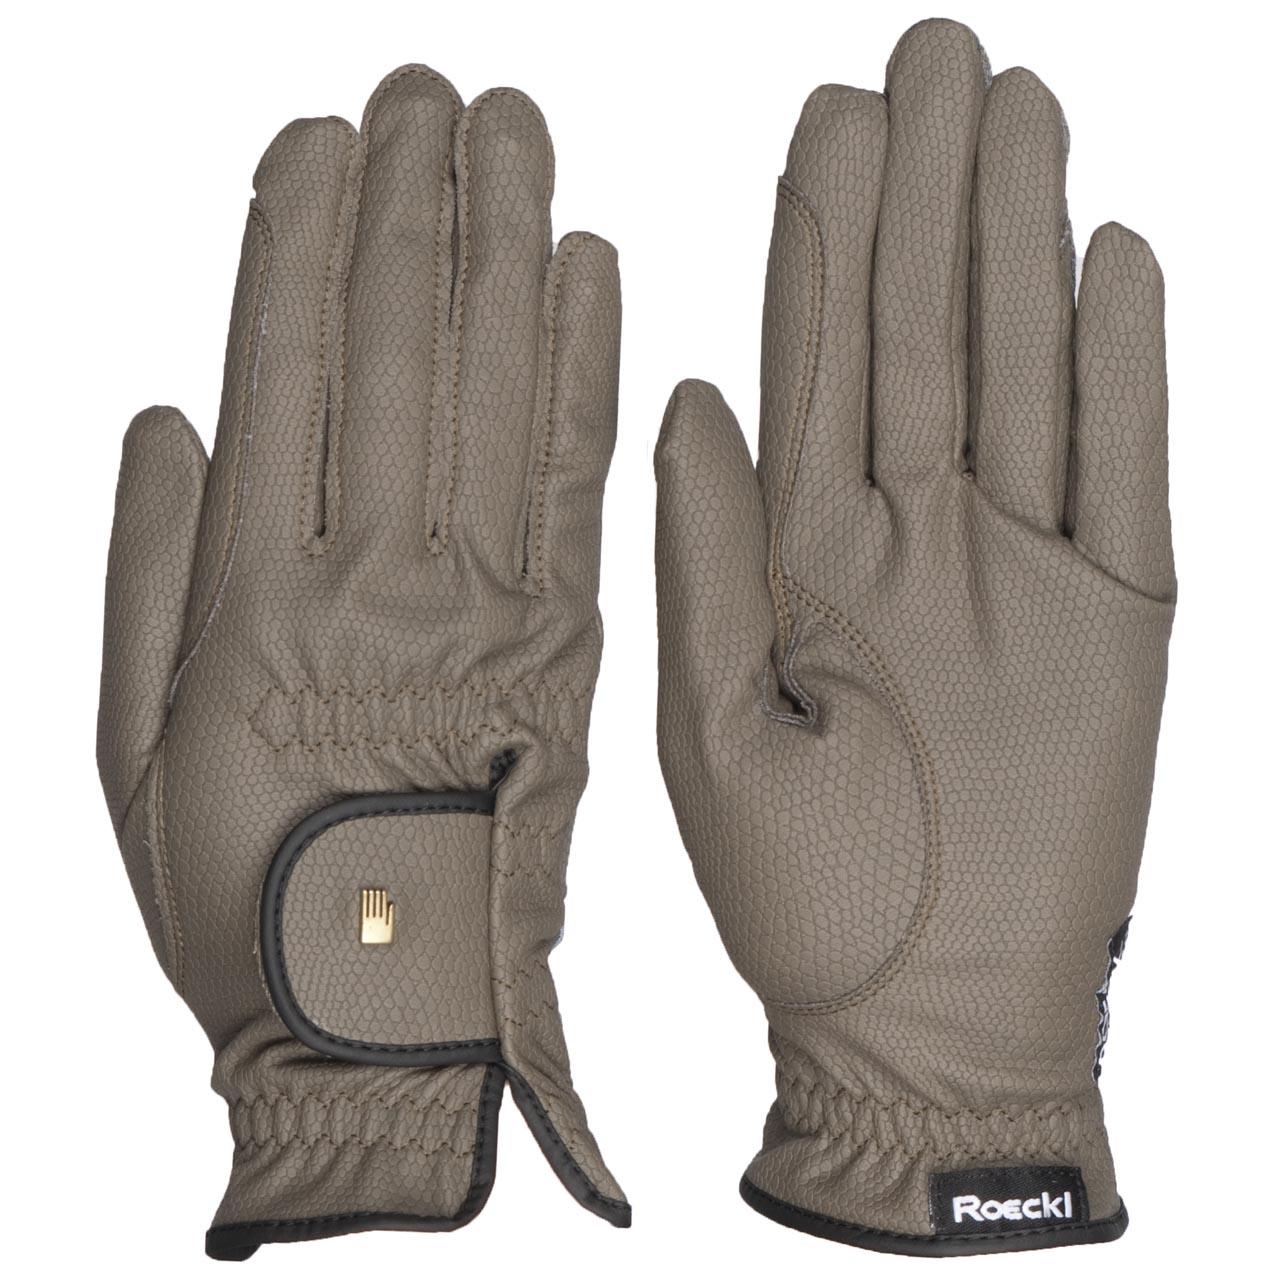 Roeckl Roeck grip Handschoen olijf maat:6,5